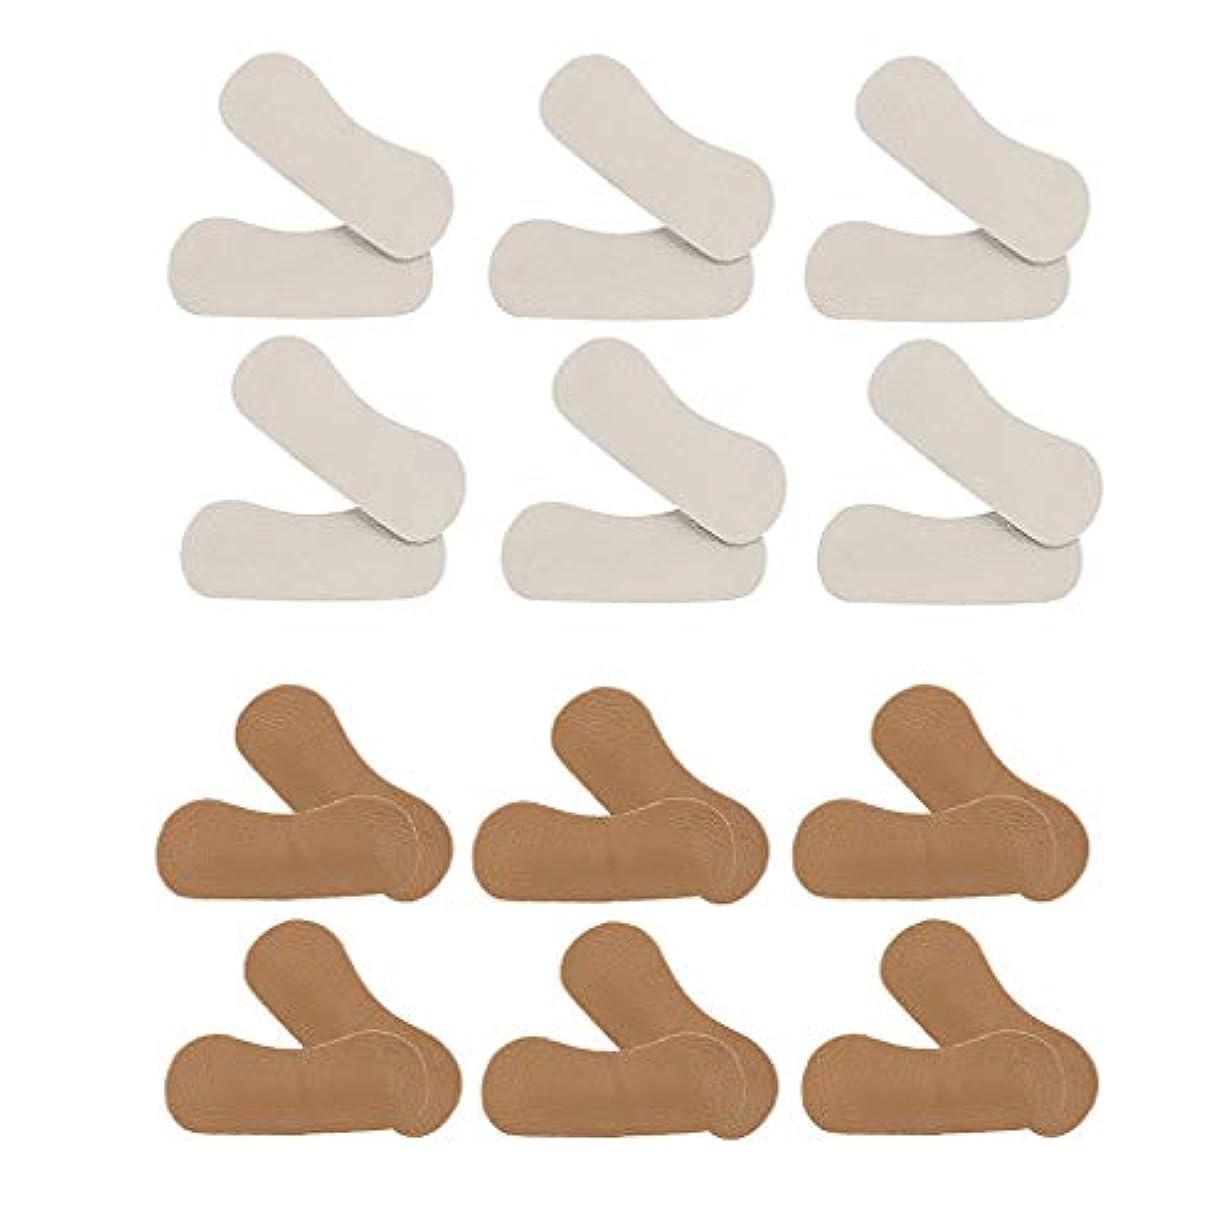 位置する早めるイベントP Prettyia 12ペア かかとパッド ヒールパッド ハイヒール ビジネスシューズ 靴ずれ防止 靴擦れ 痛み軽減